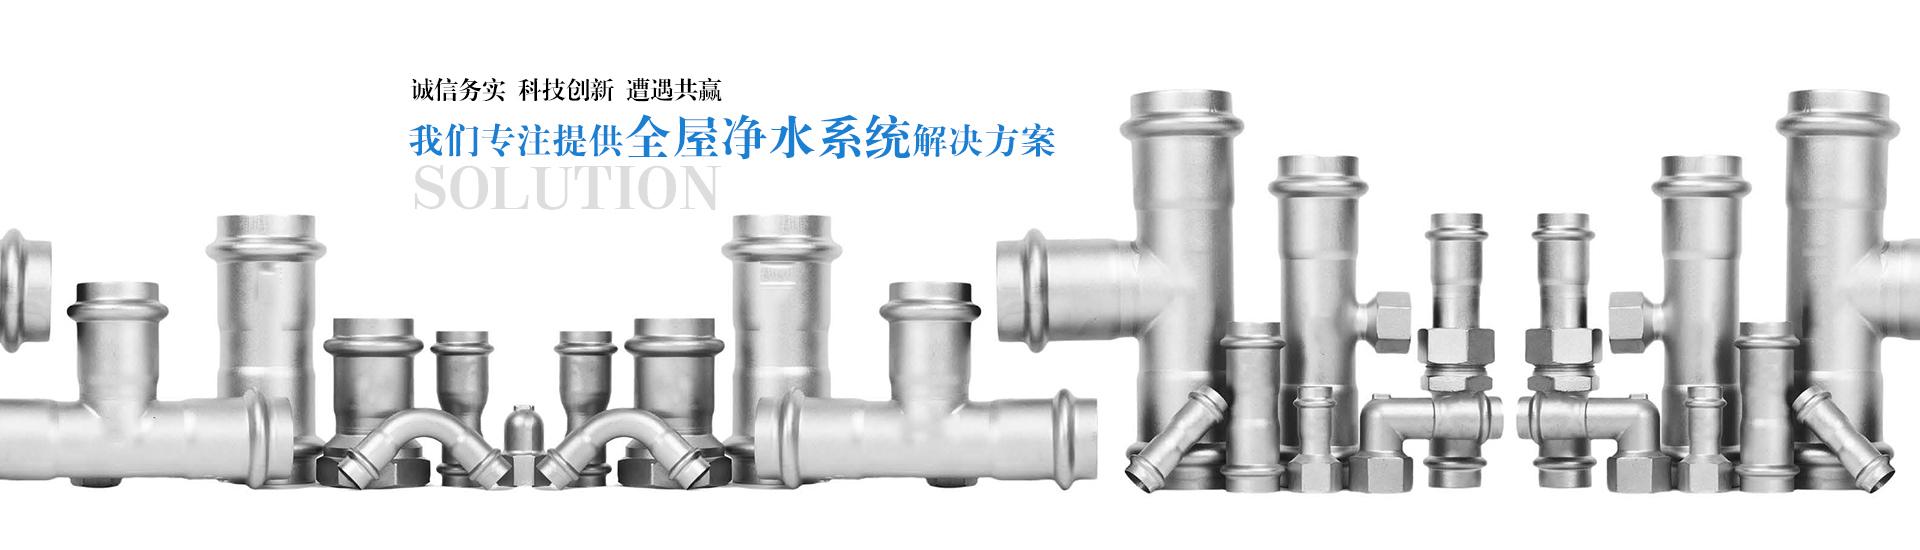 湖南兴大业不锈钢管材厂家专注提供全屋净水系统解决方案